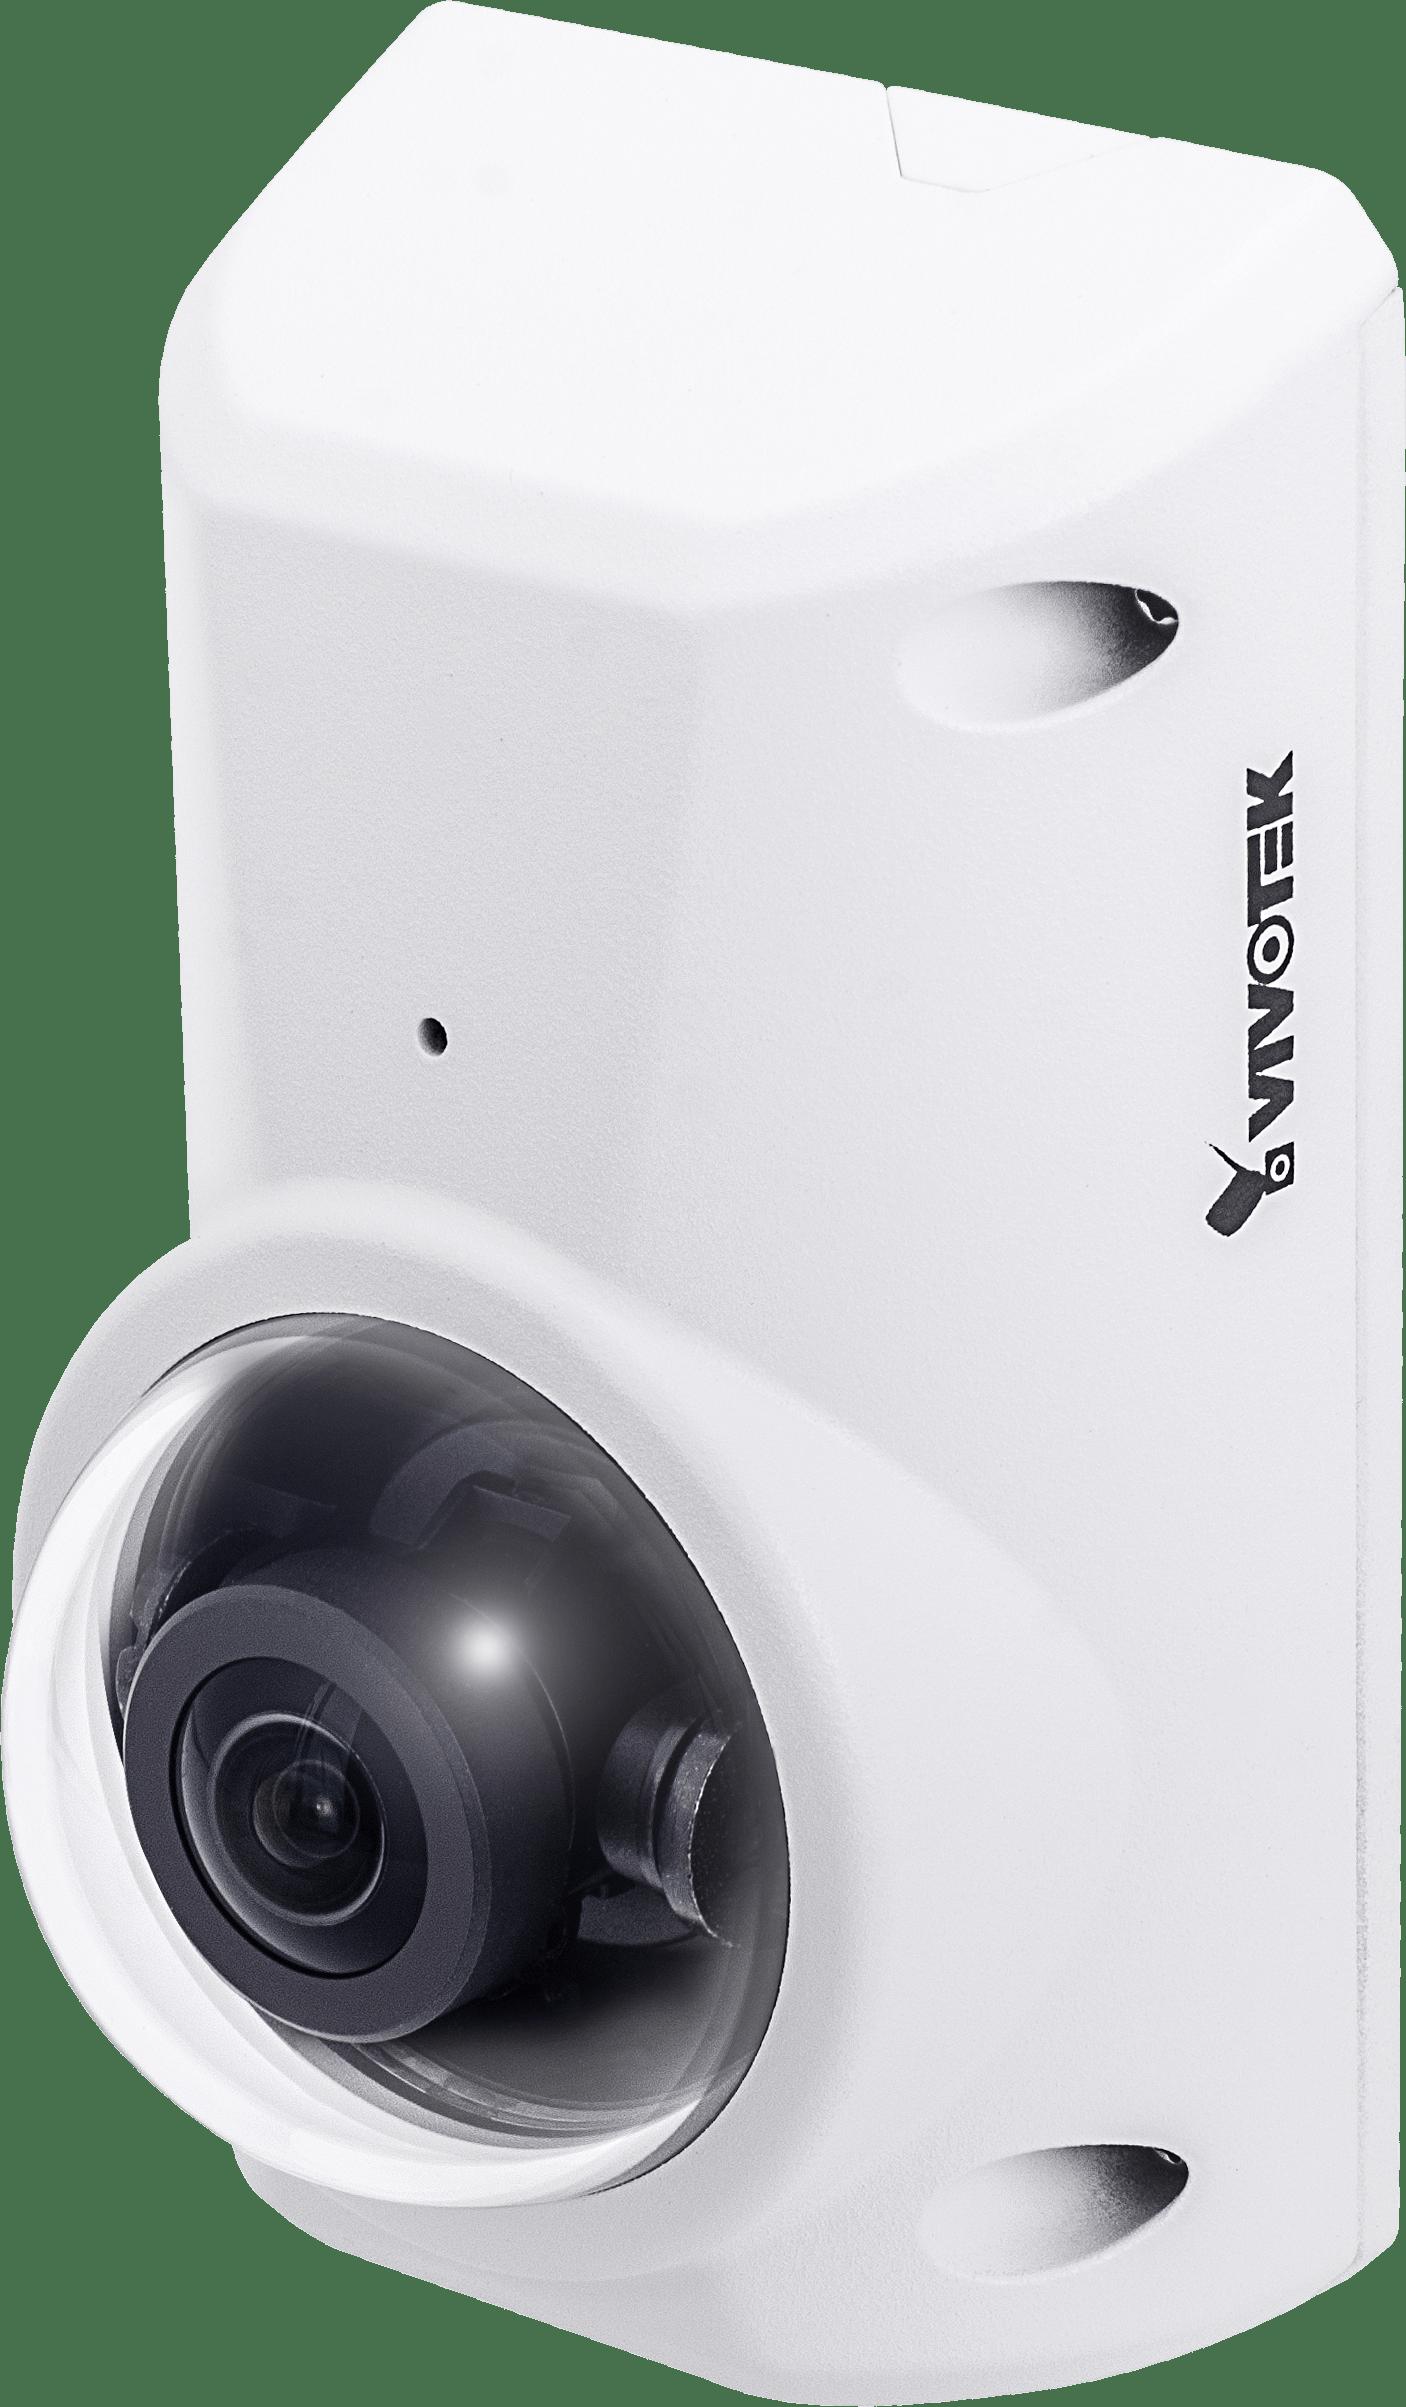 Cc8370 Hv Fisheye Network Camera Vivotek